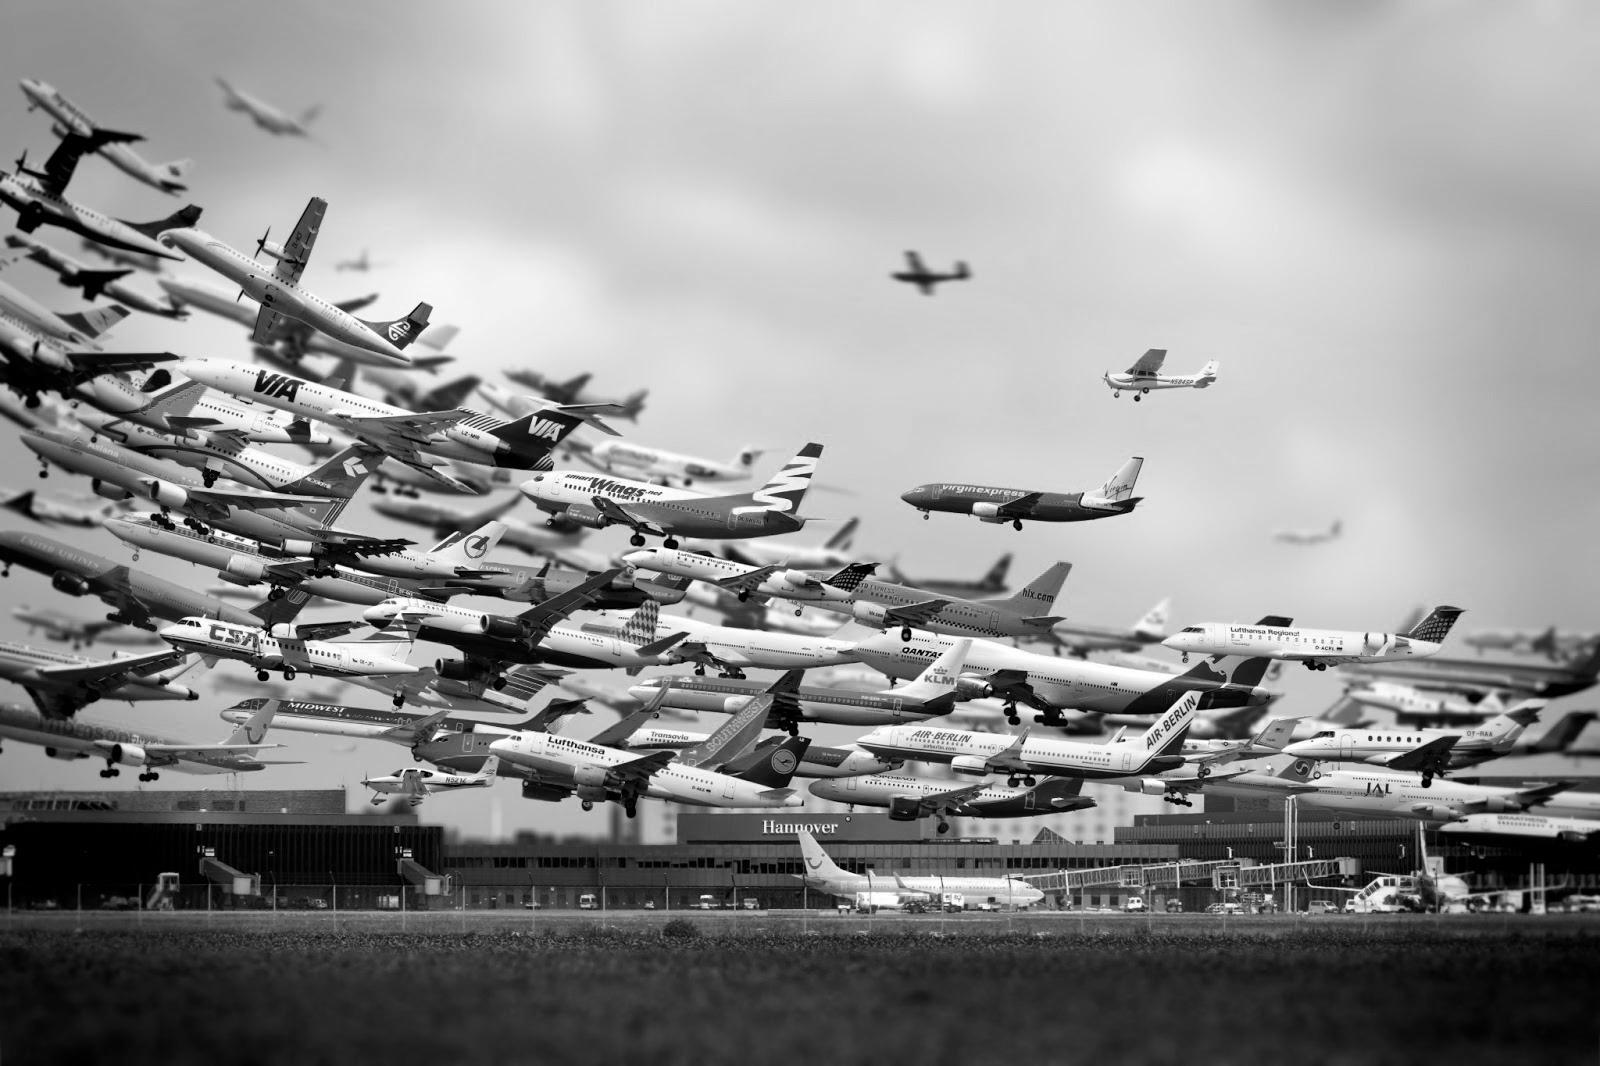 Flying standby nassau weekly altavistaventures Gallery